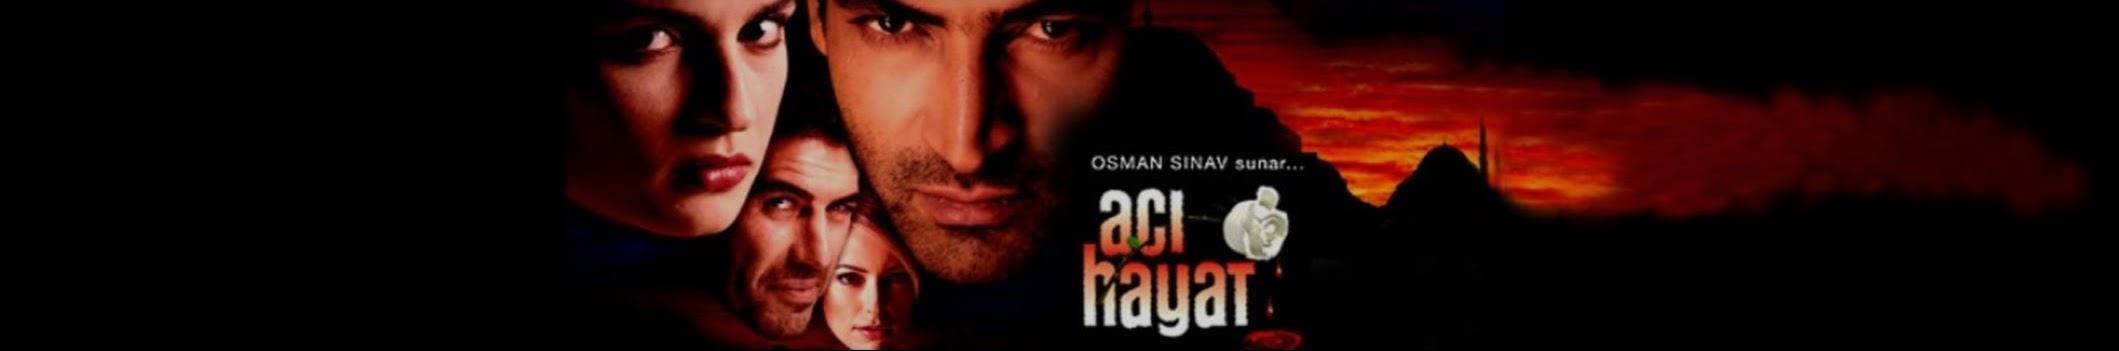 Aci Hayat Season 1 English subtitles | Bitter Life